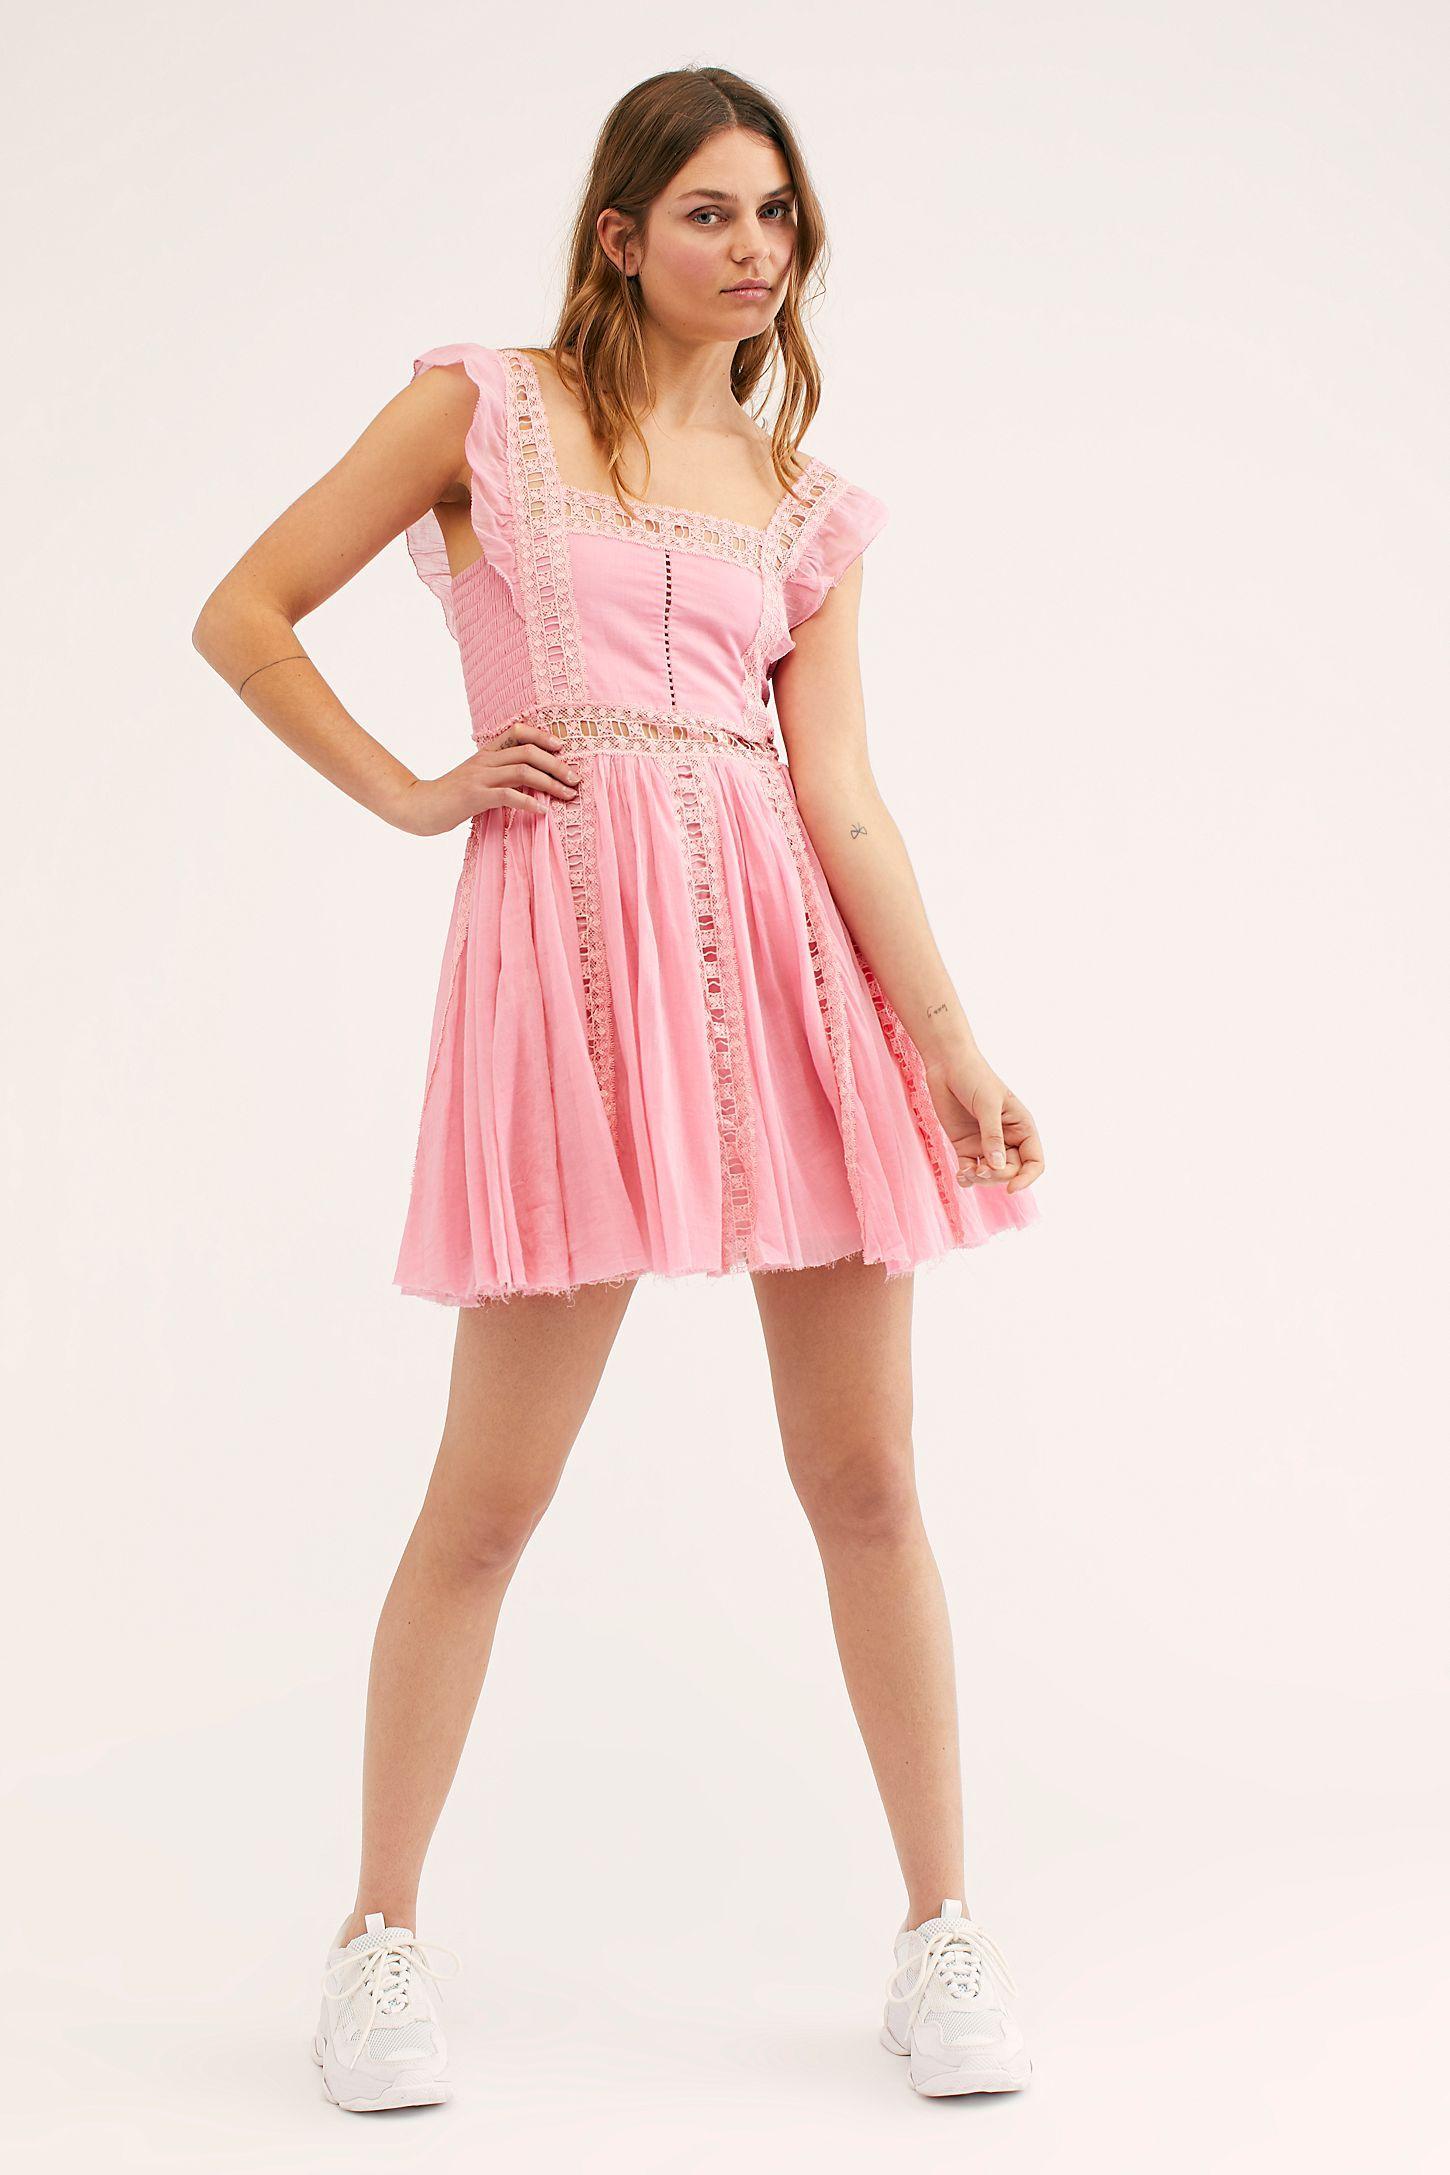 fp one verona dress   kleider, ausgefallene outfits, minikleid